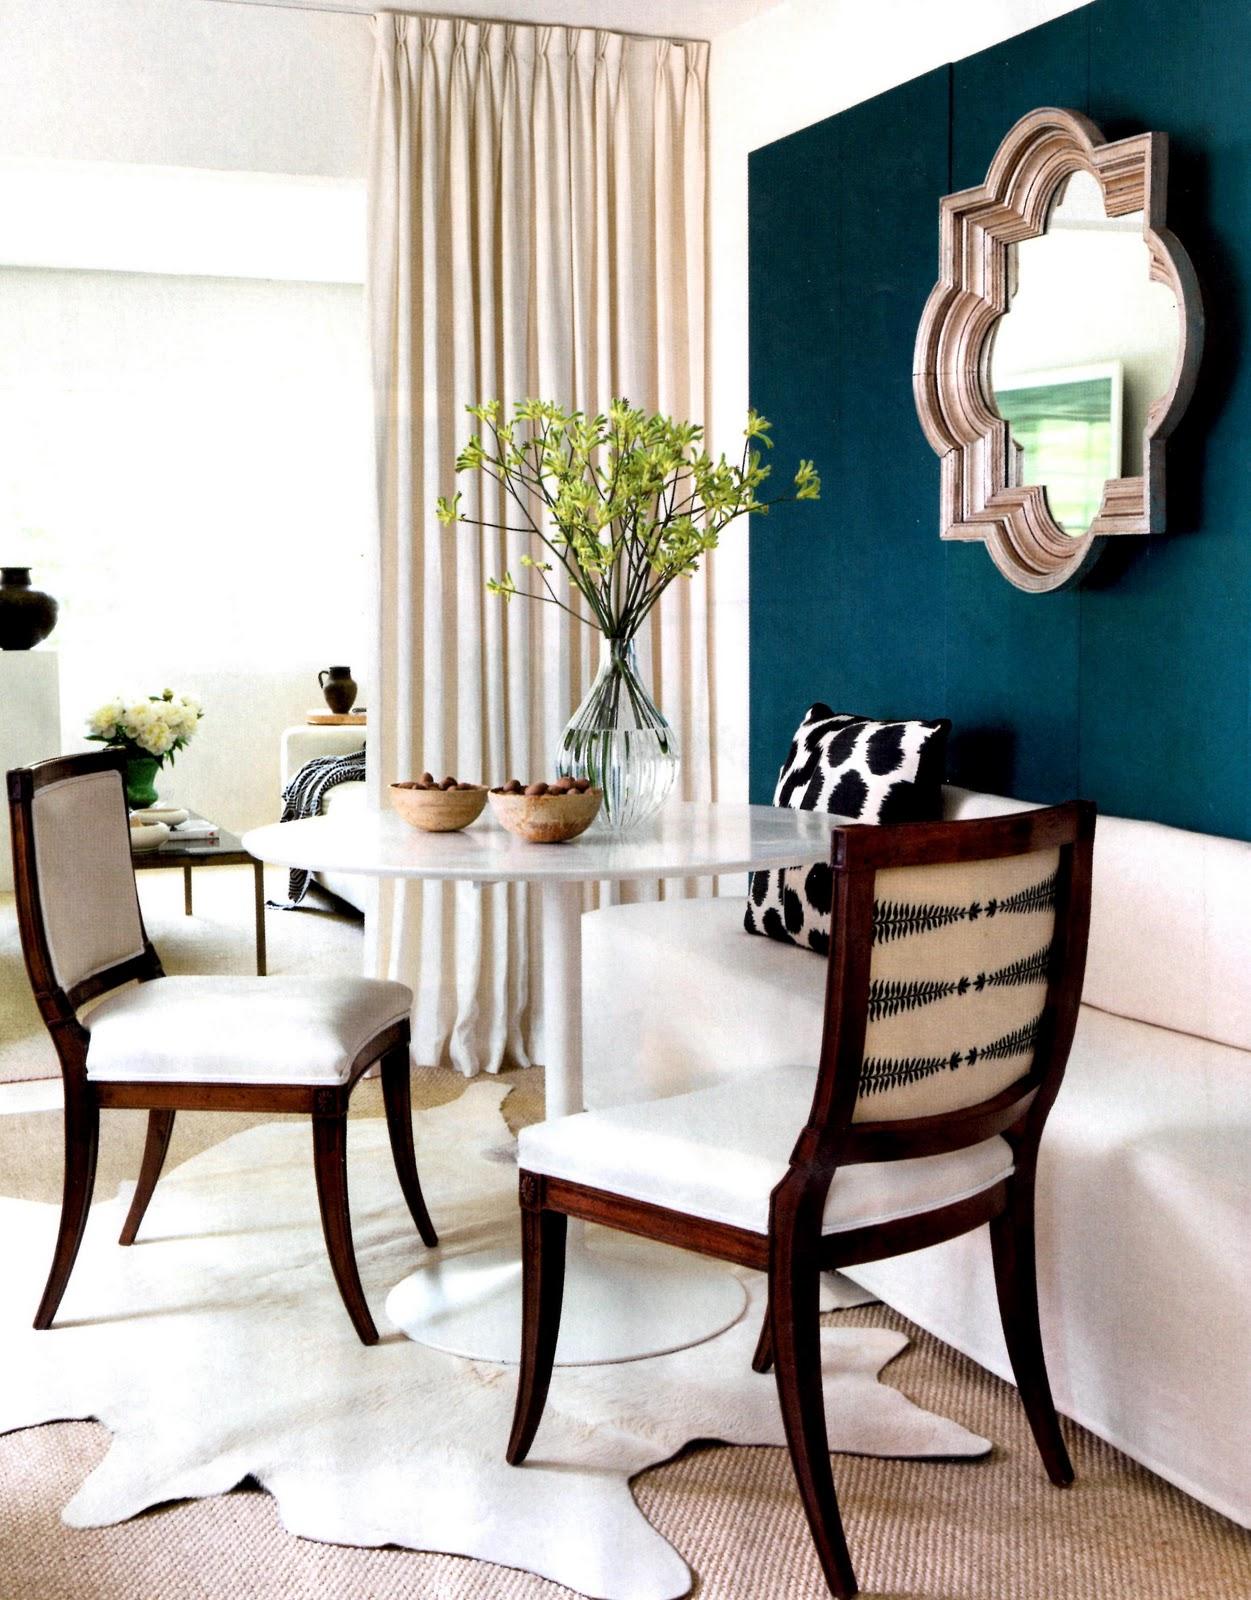 Banquette Seating Gretha Scholtz